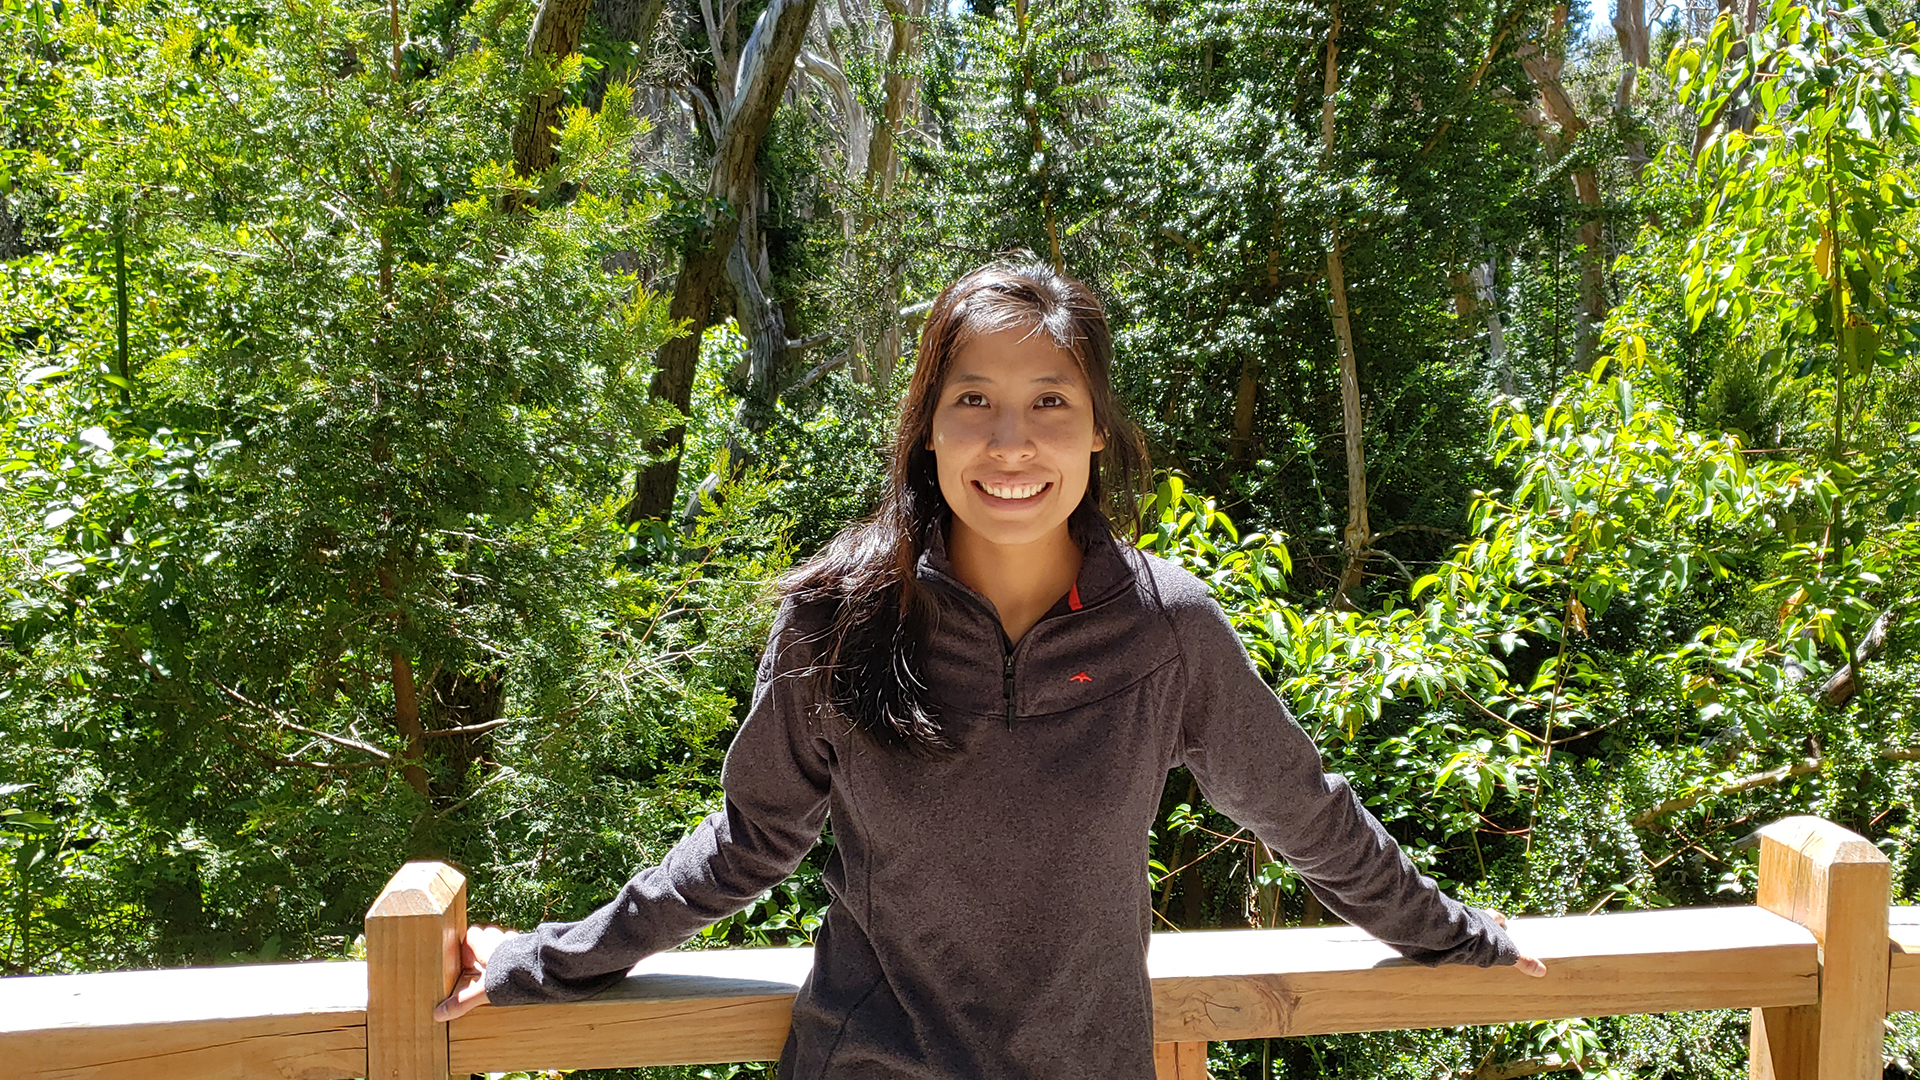 Laura Cruz estudia ingeniería nuclear en el Instituto Balseiro